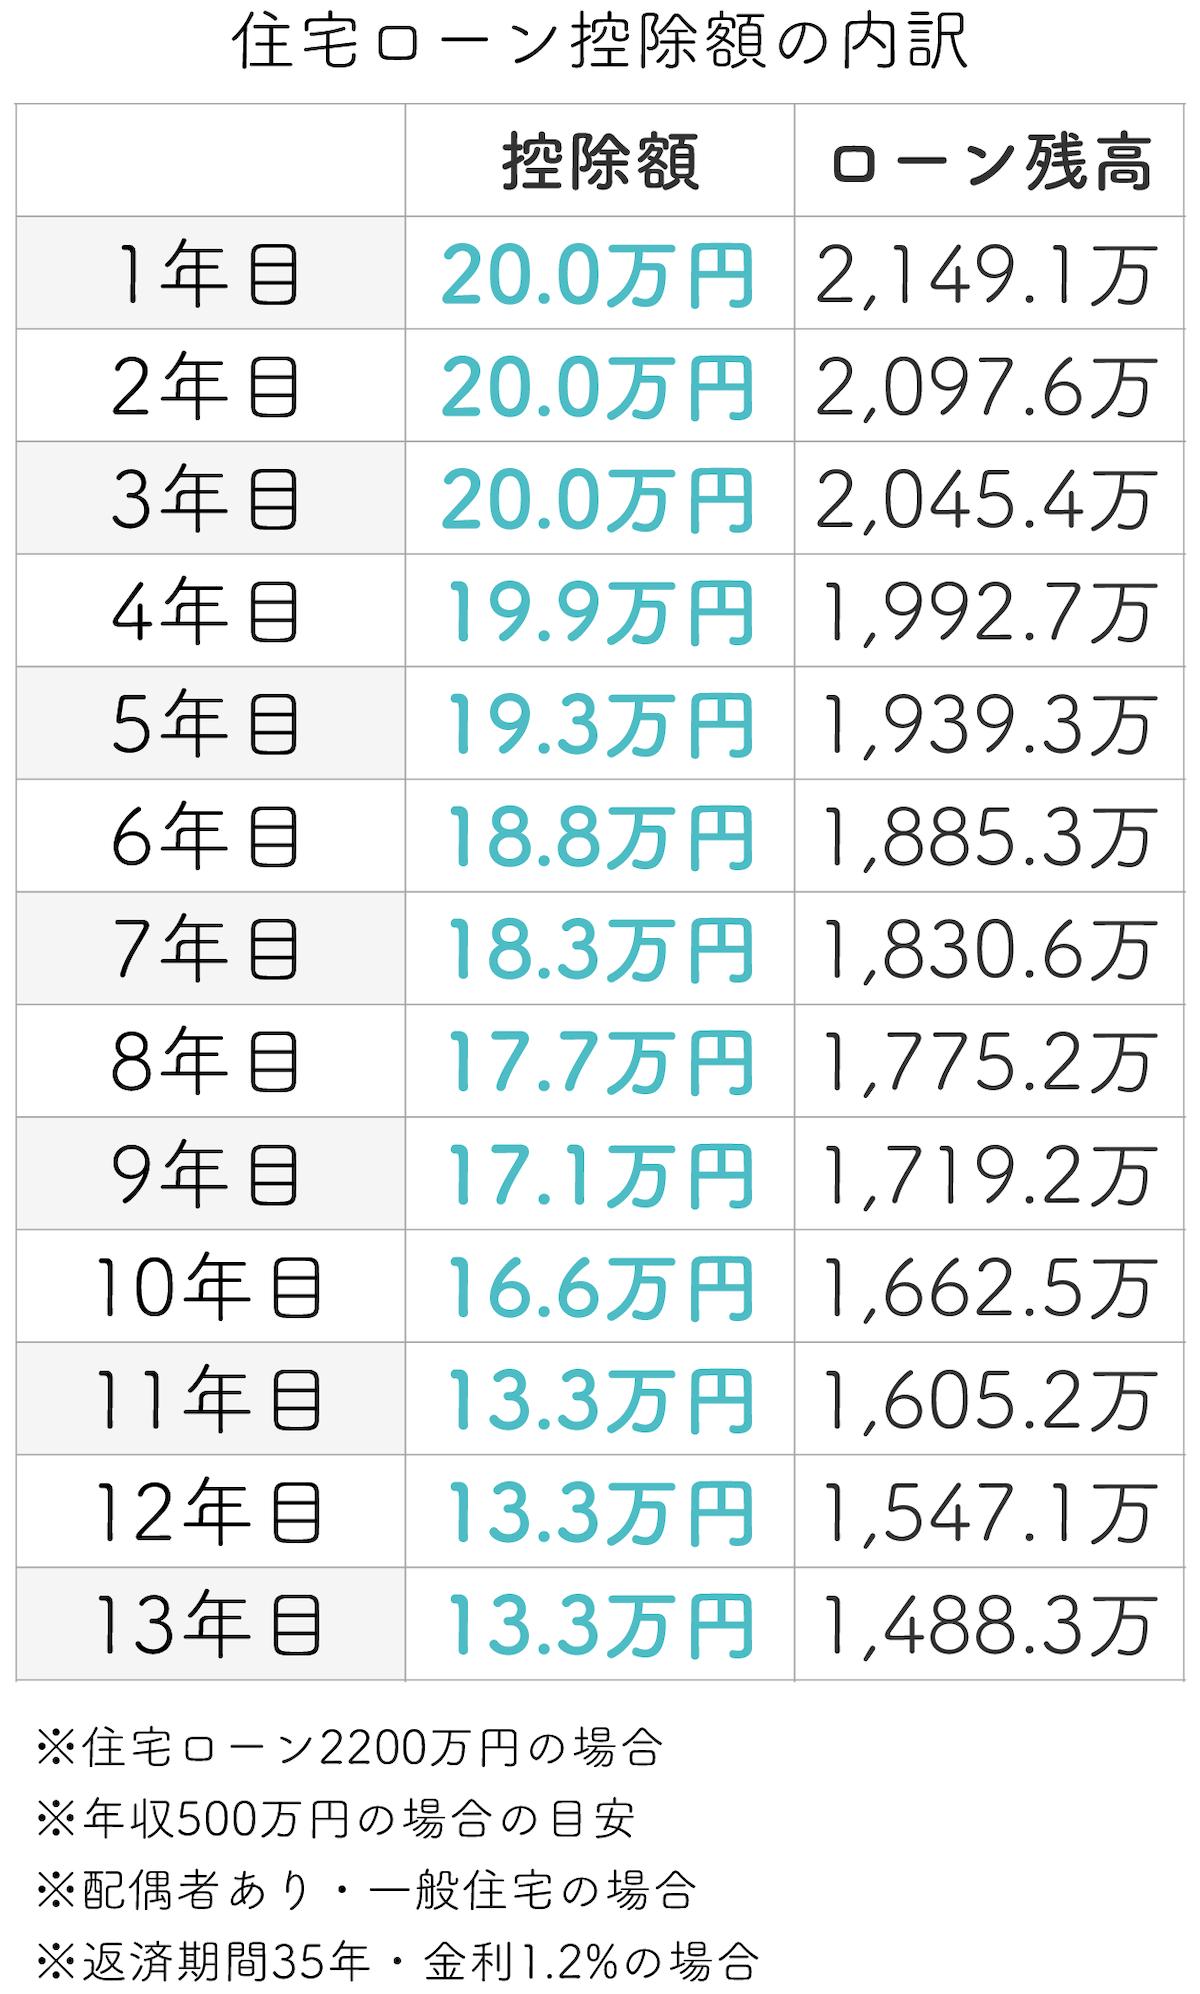 住宅ローン控除額の年数ごとの内訳